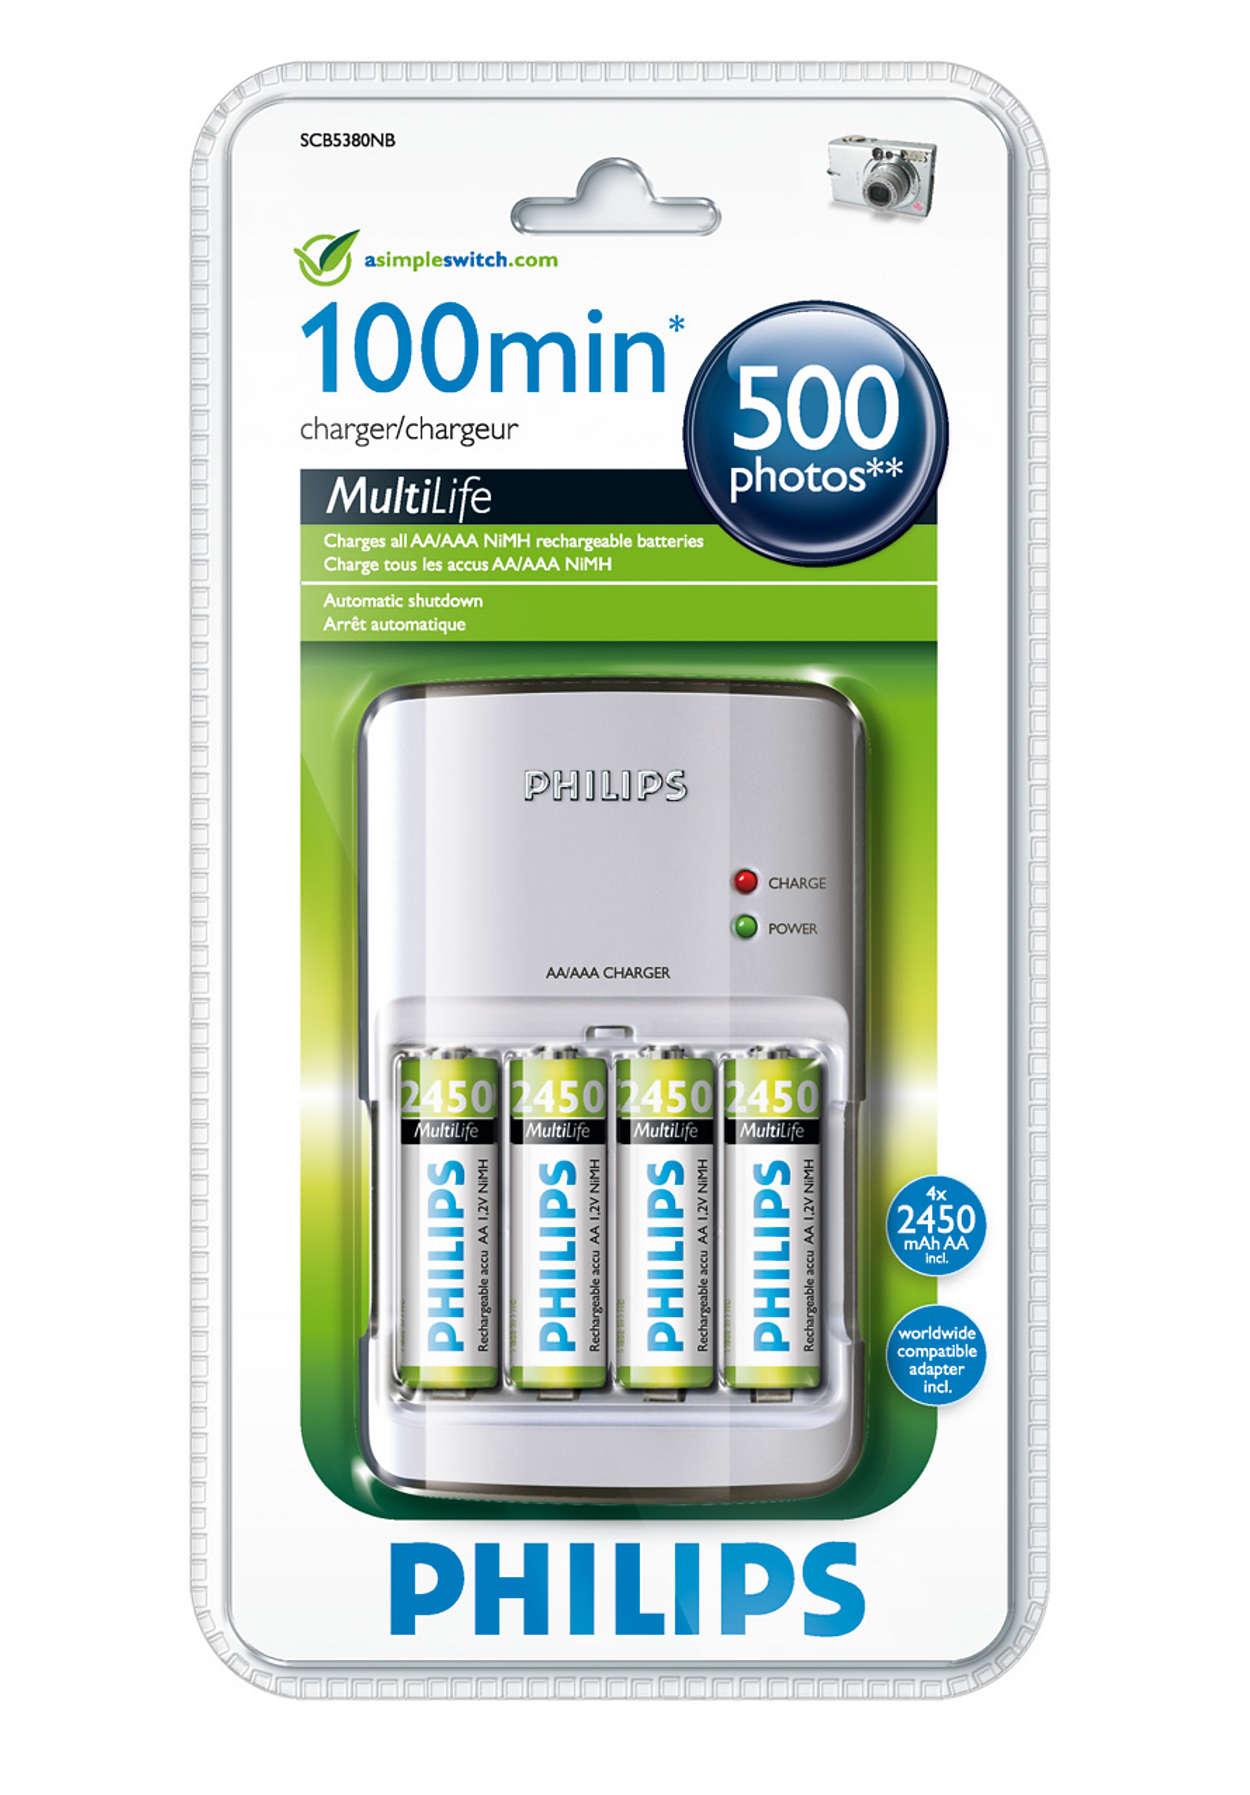 Potpuno puni baterije za najviše 100 minuta